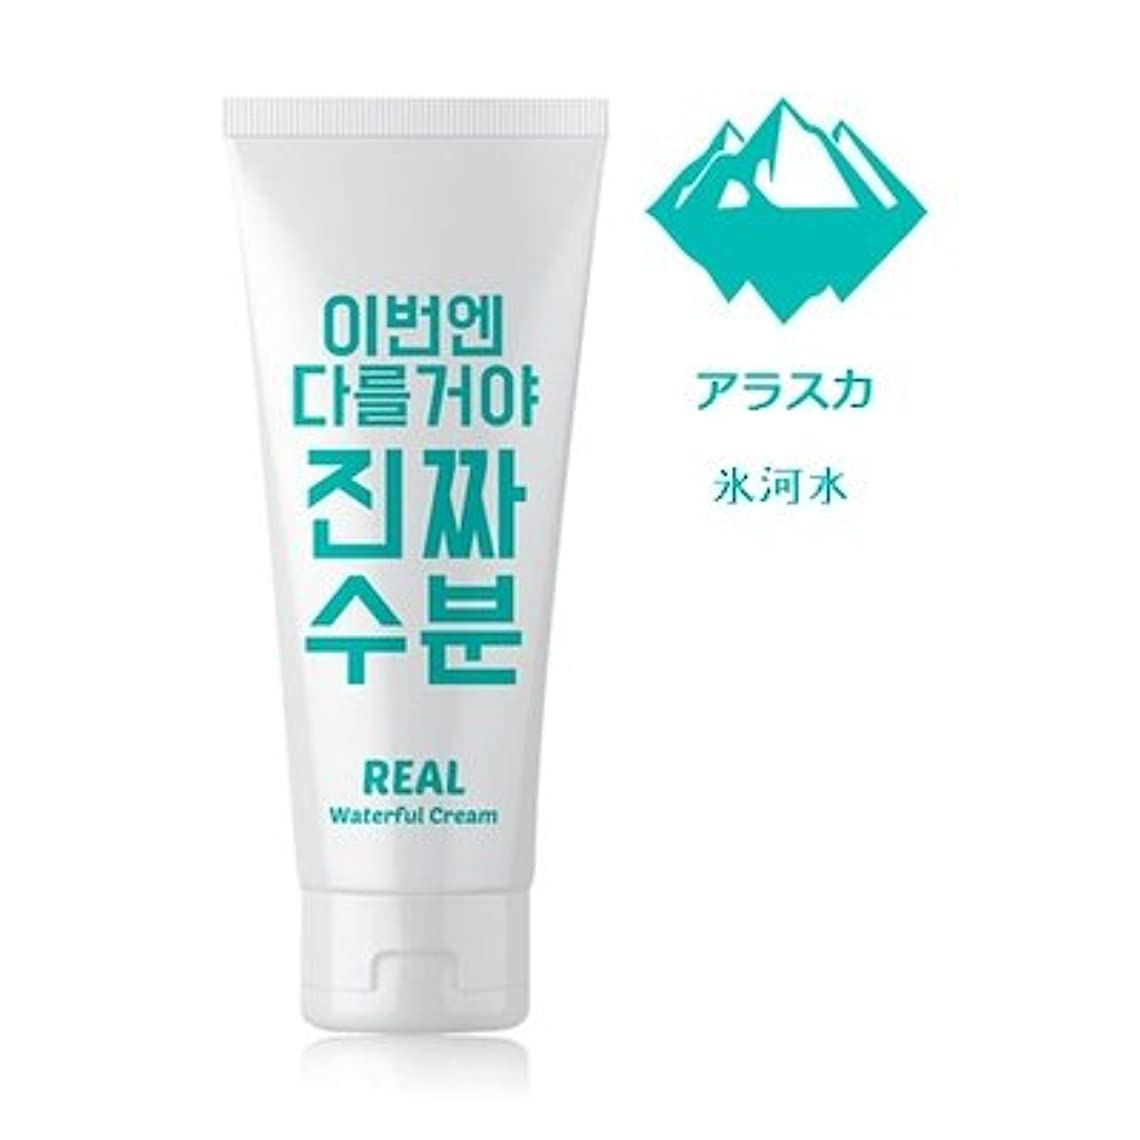 知るロビー間Jaminkyung Real Waterful Cream/孜民耕 [ジャミンギョン] 今度は違うぞ本当の水分クリーム 200ml [並行輸入品]